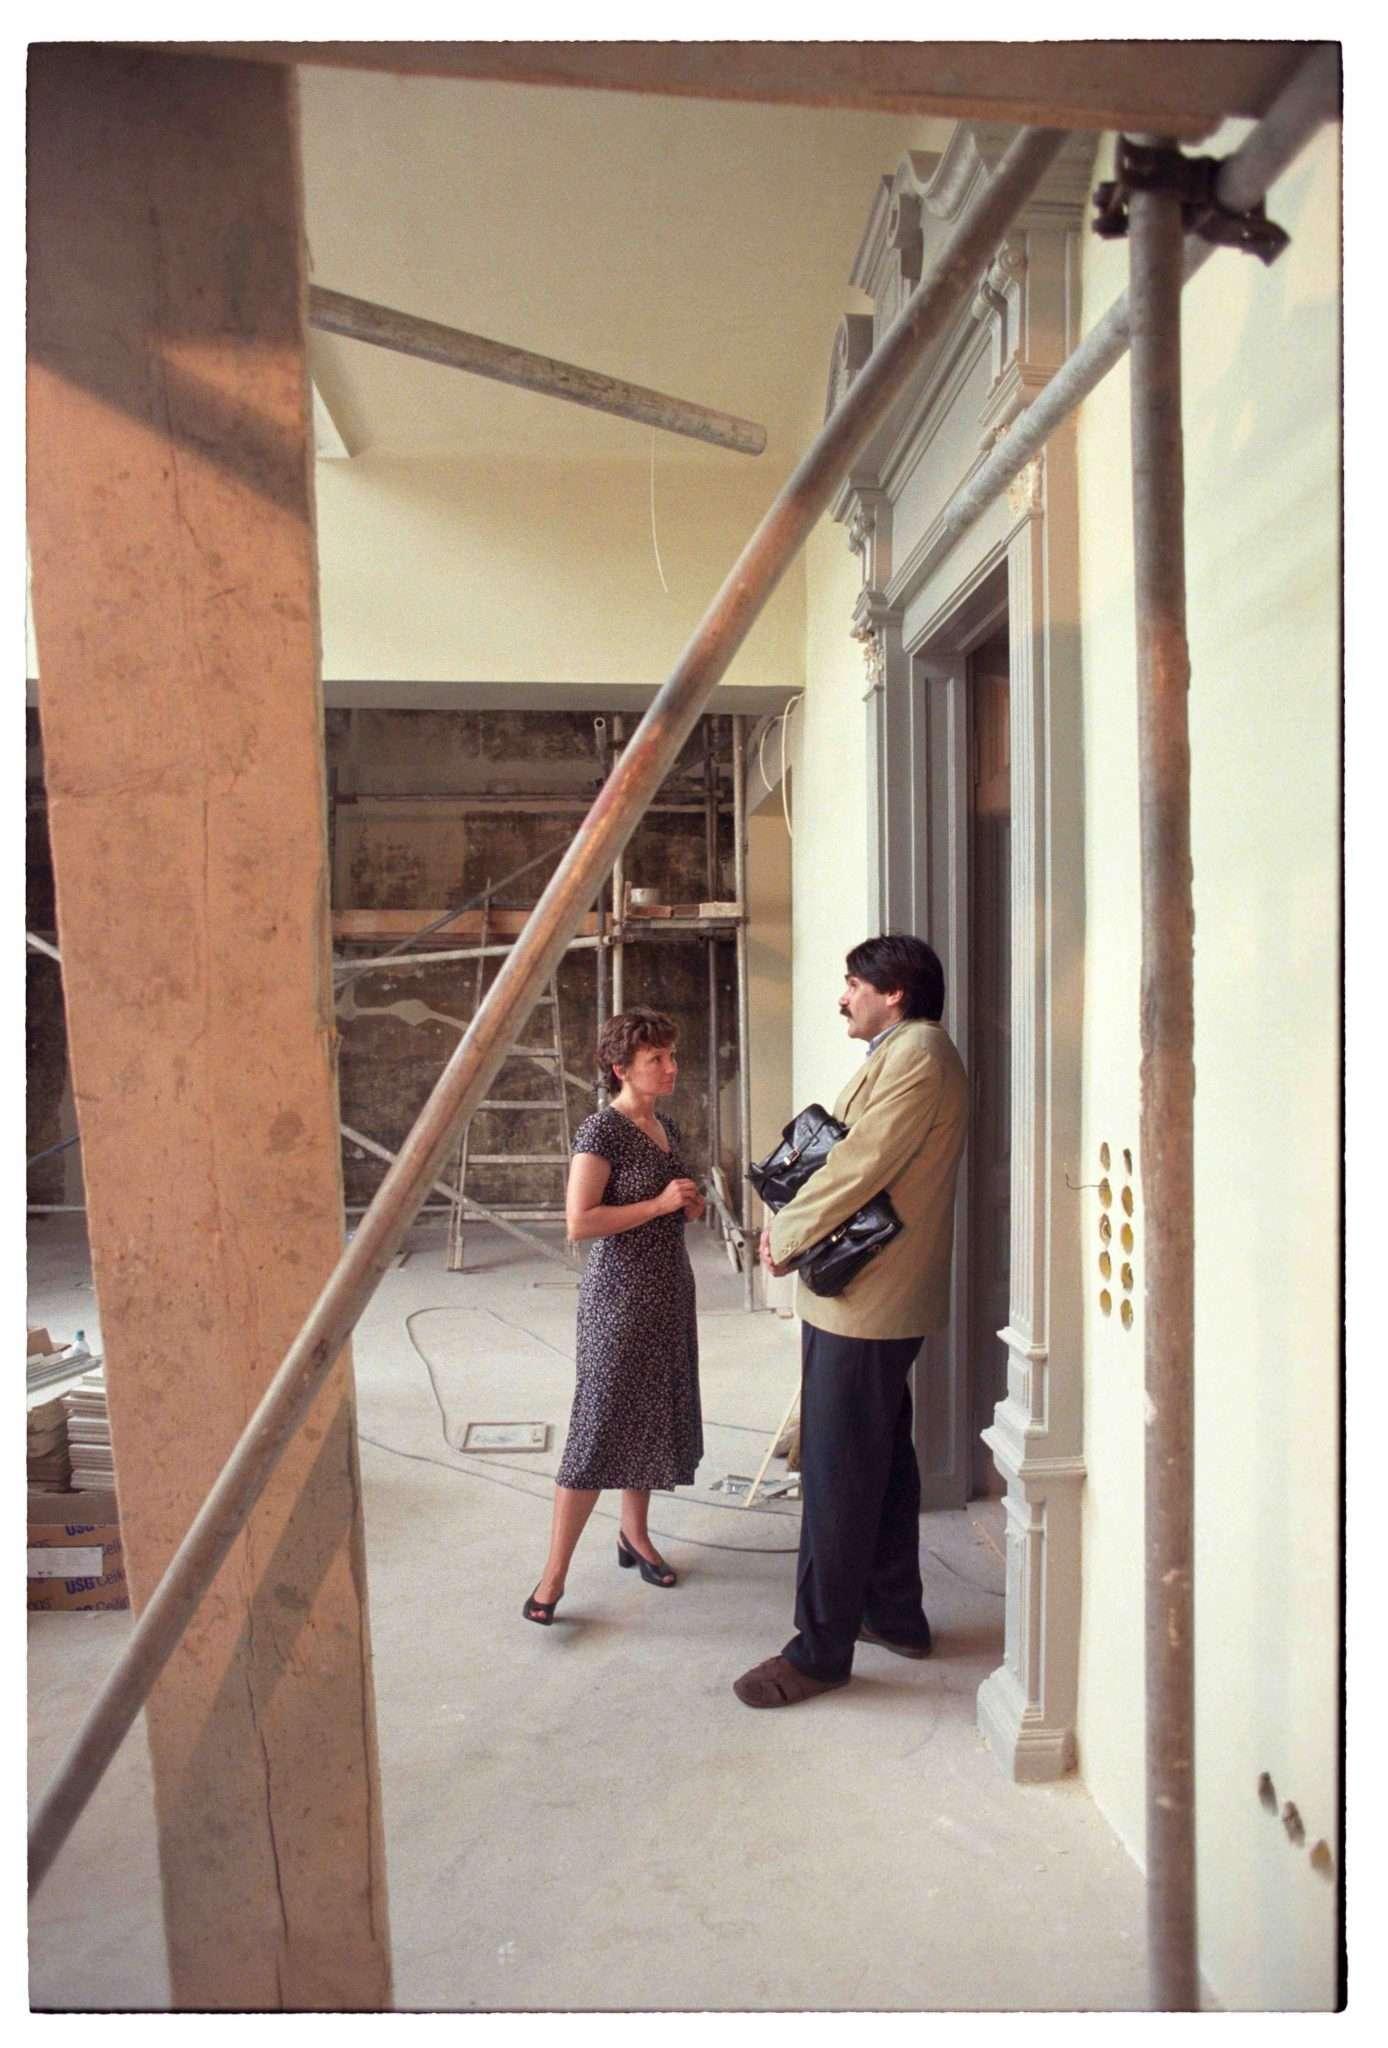 Kolta Magdolna és Török András a Napfényműteremben, 1990-es évek vége Fotó: Bánkuti András